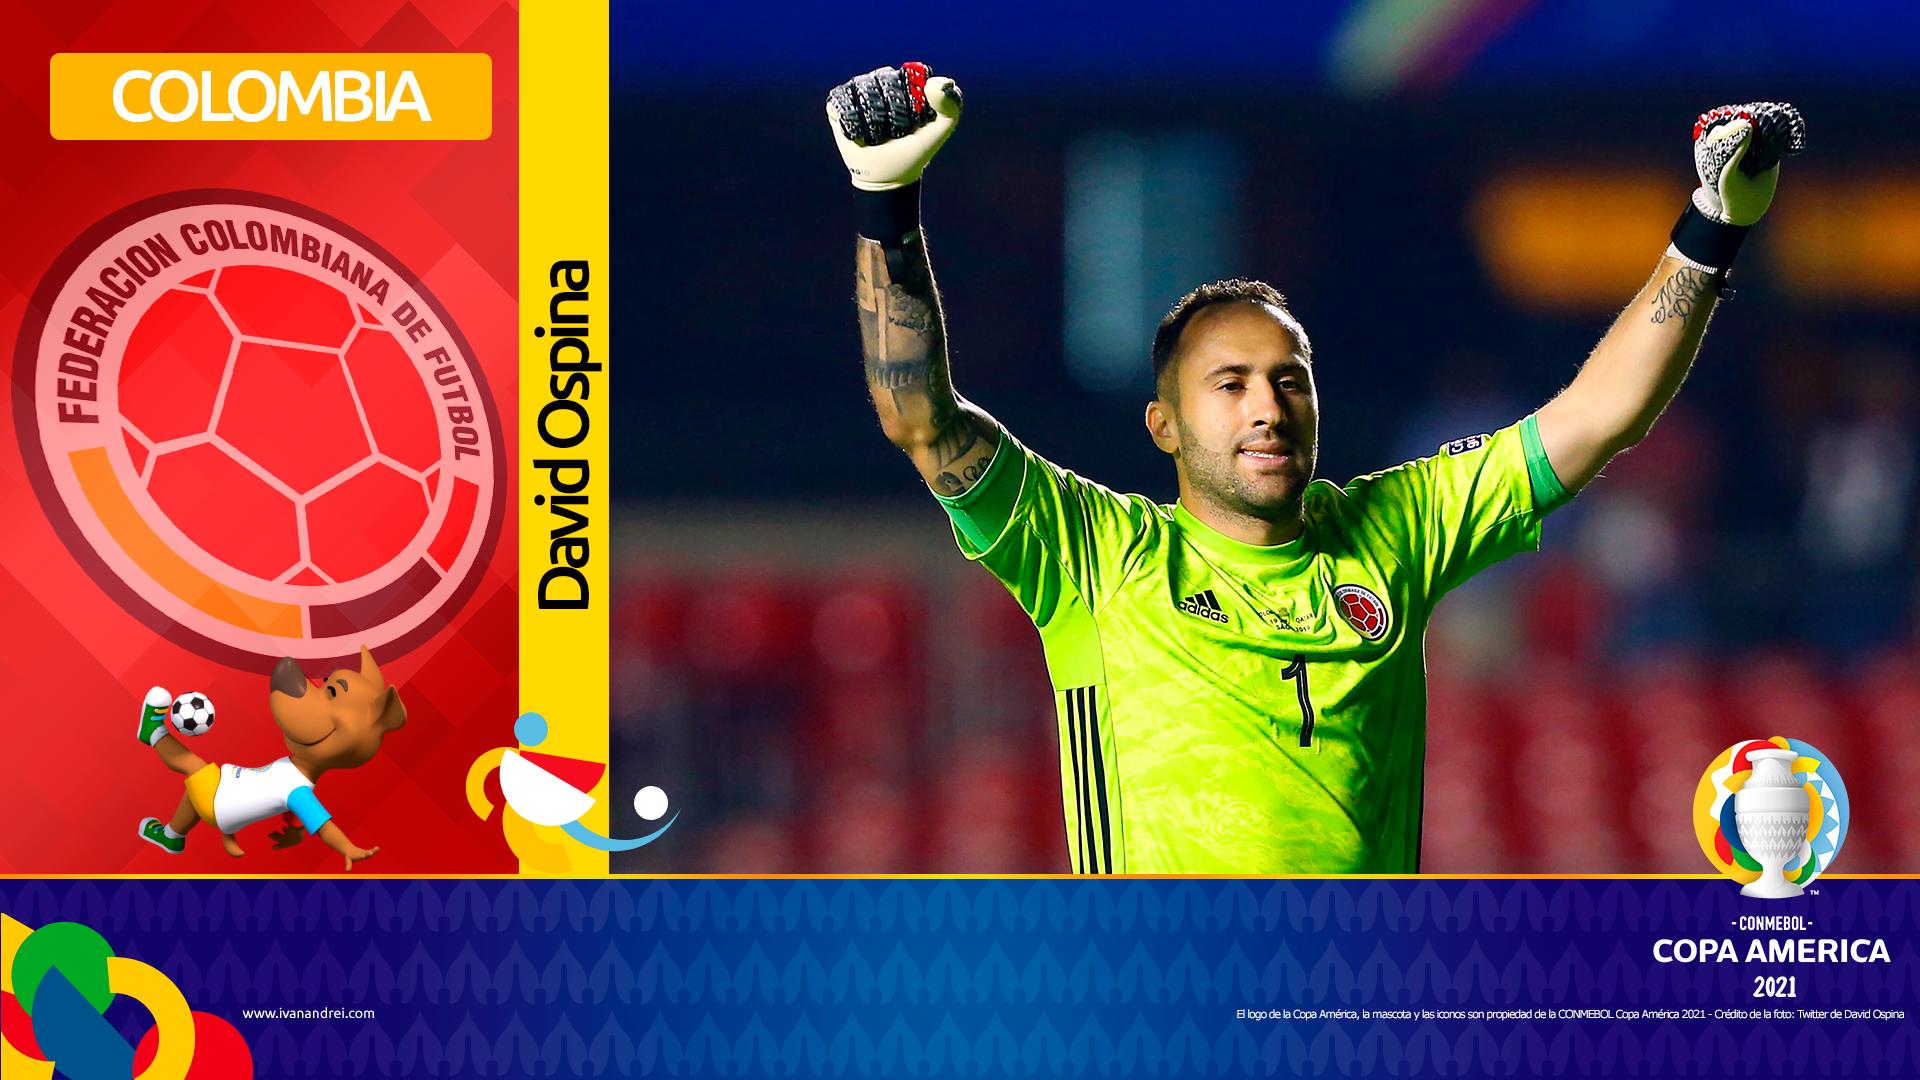 Copa América Brasil 2021 - Selección de Colombia - David Ospina